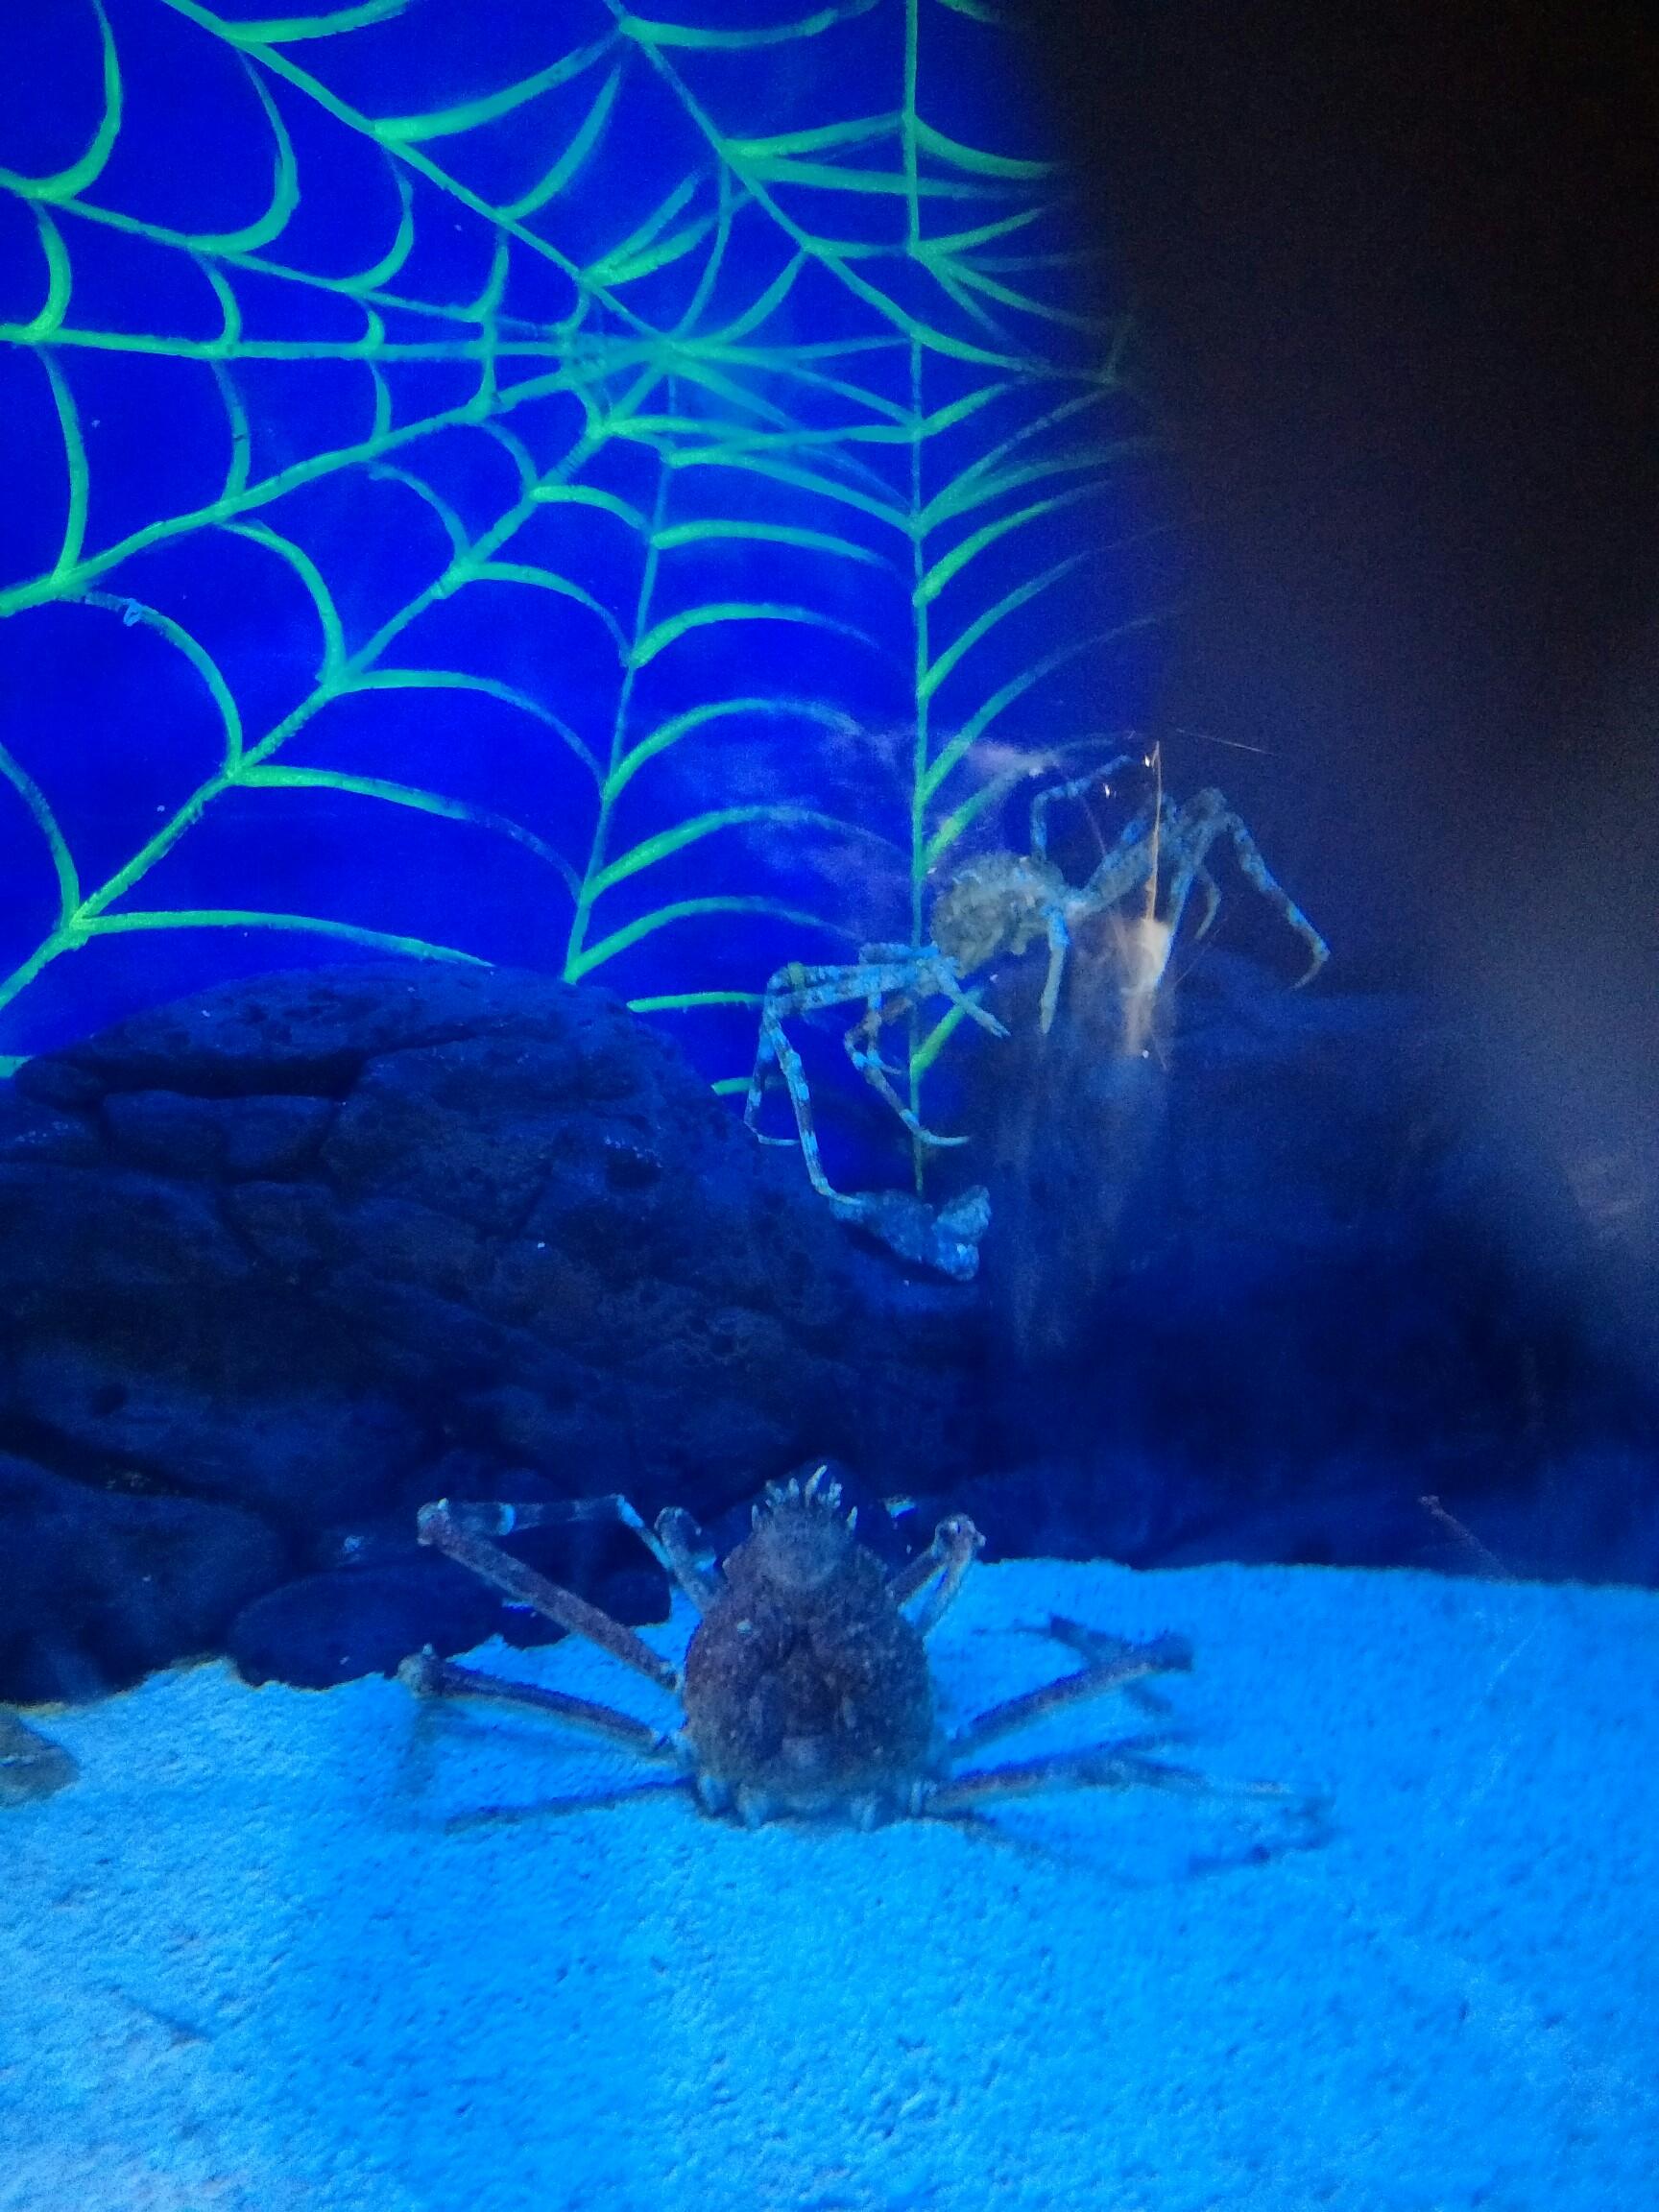 壁纸 海底 海底世界 海洋馆 水族馆 桌面 1728_2304 竖版 竖屏 手机